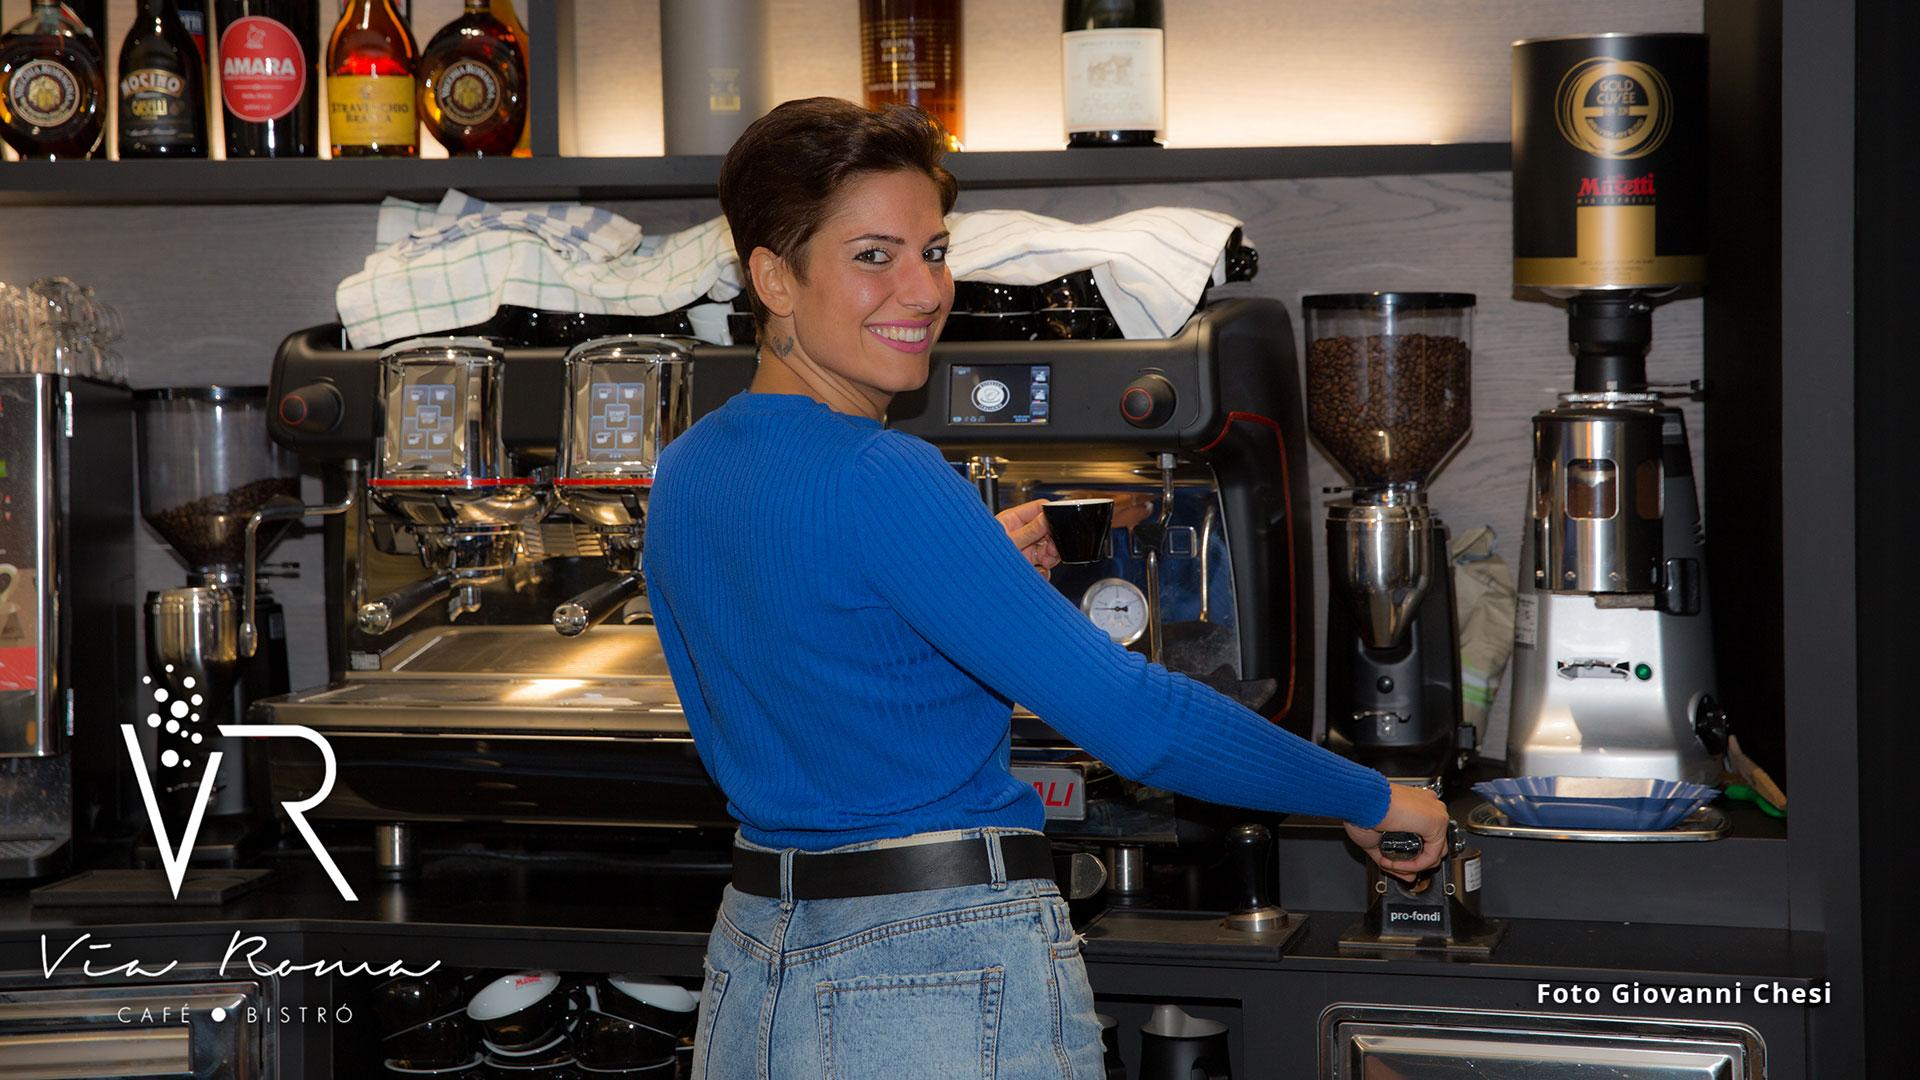 Cafè slide 3 colazioni